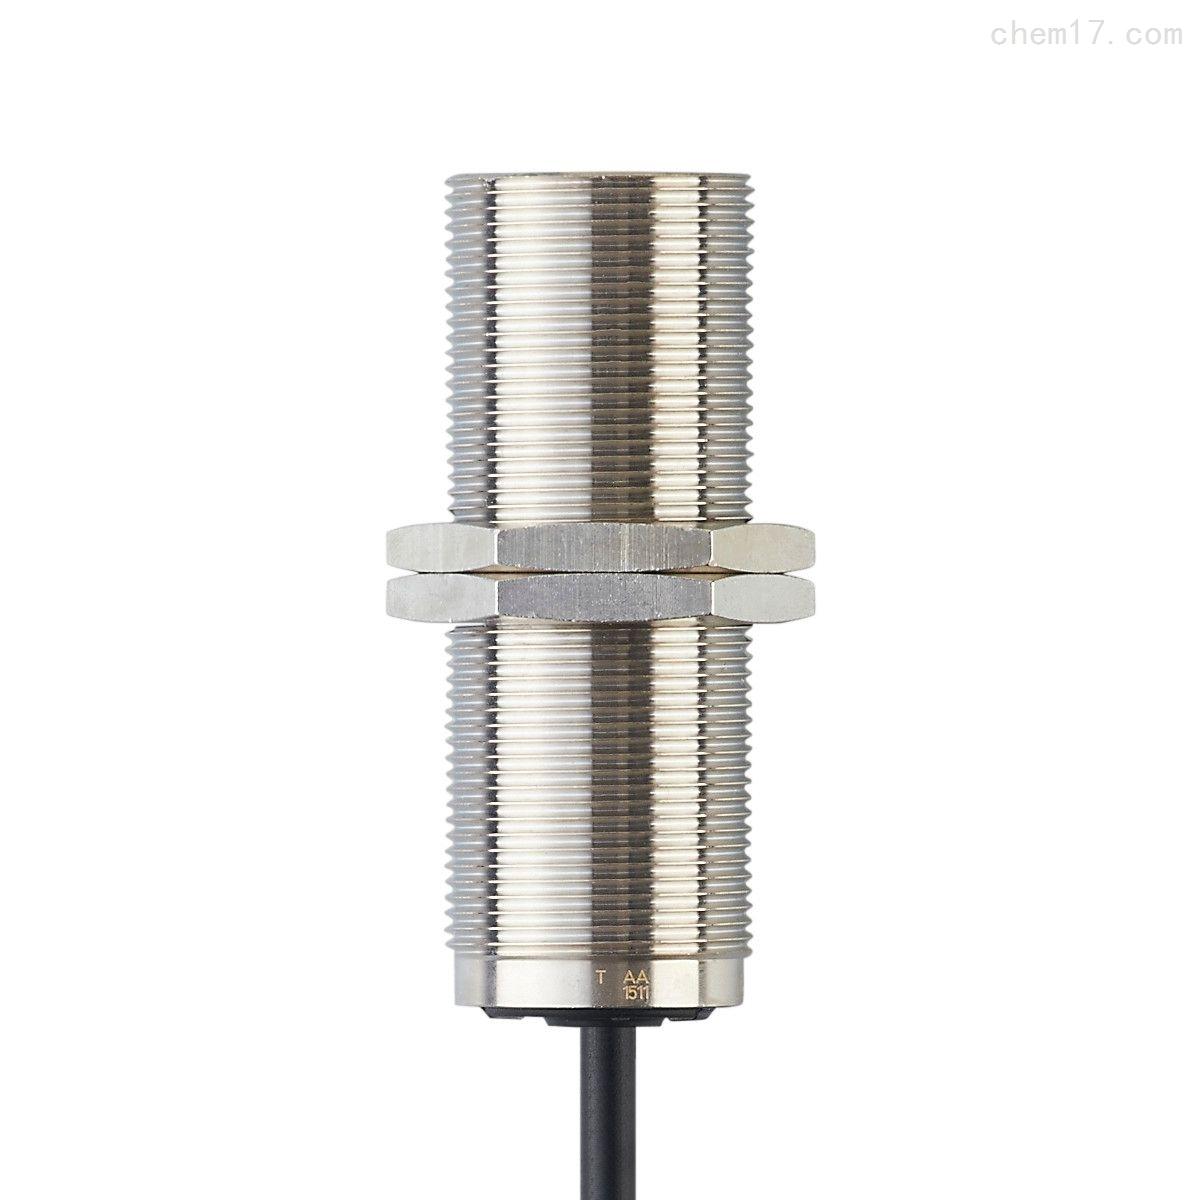 AEAD速度傳感器